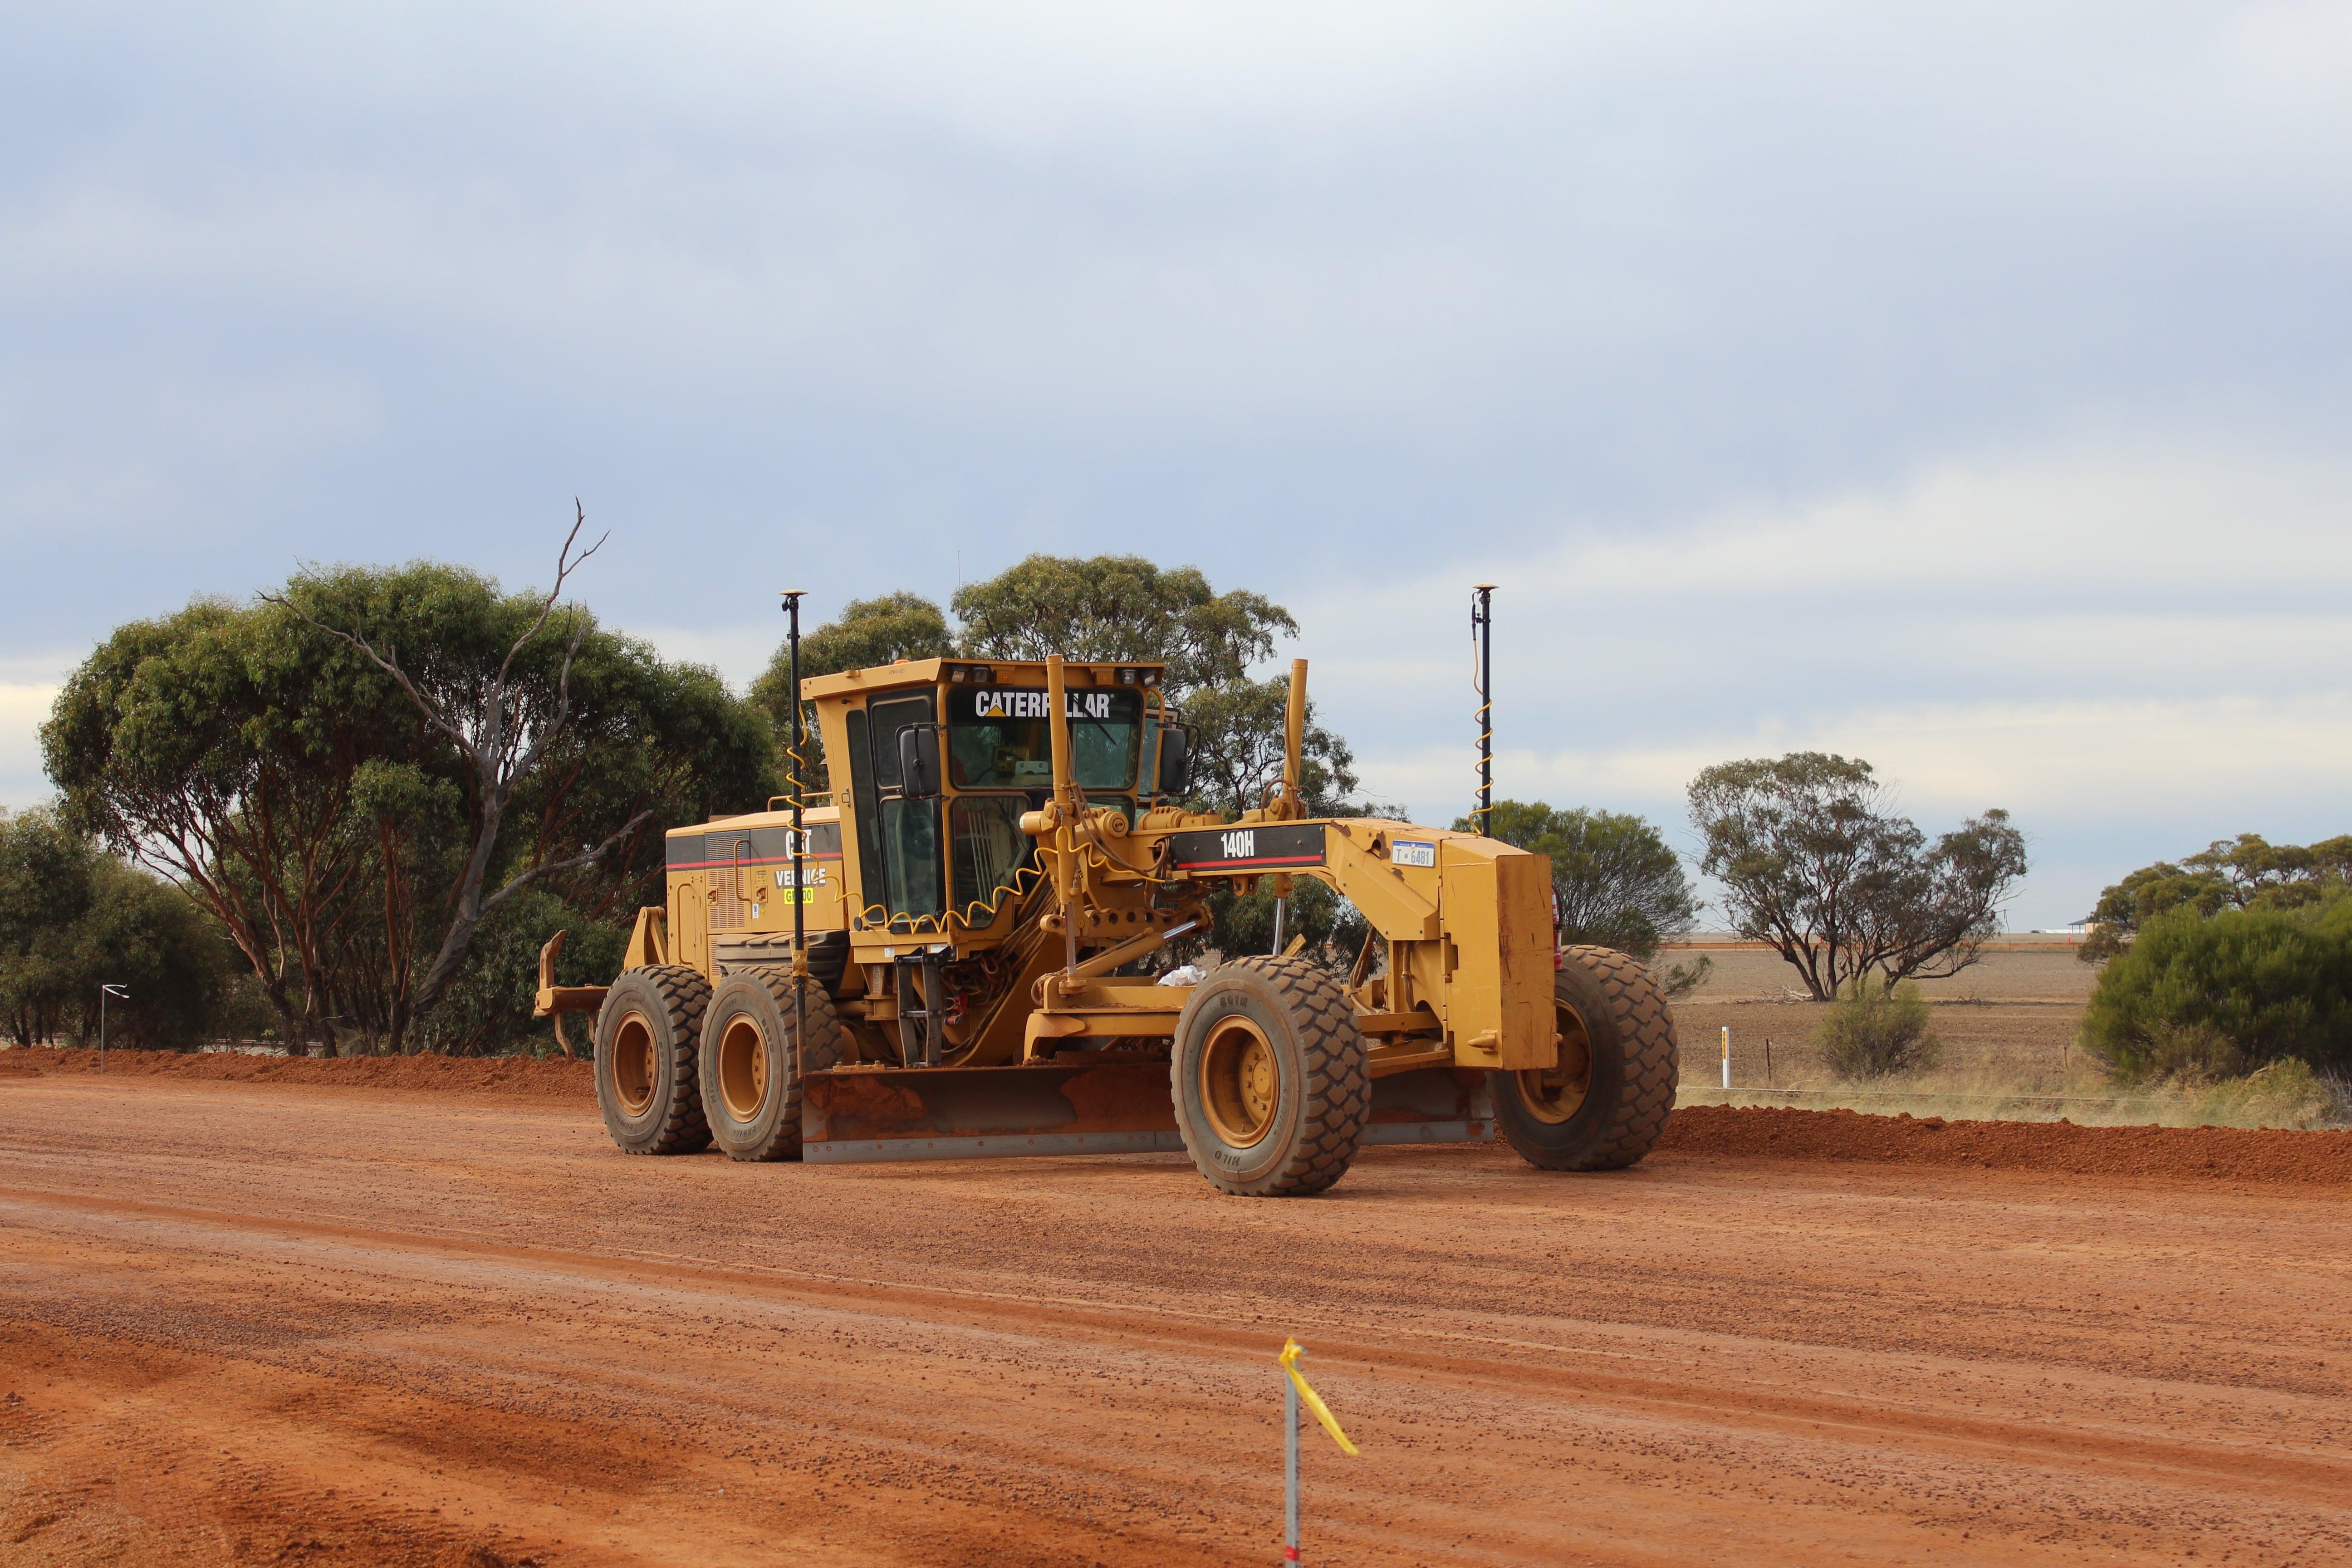 vernice-140h-grader-hire-perth-western-australia